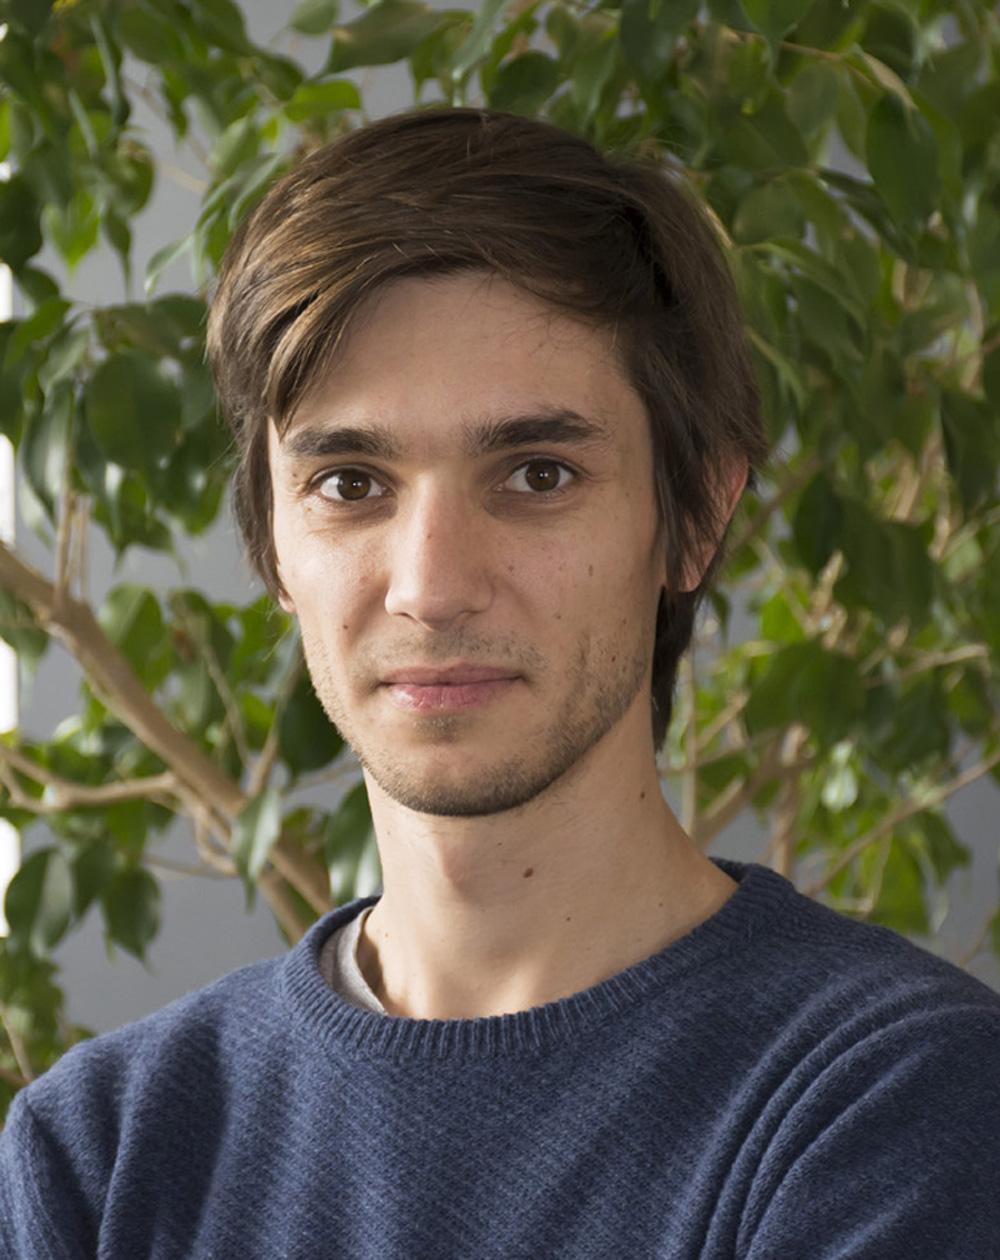 Luc Deike